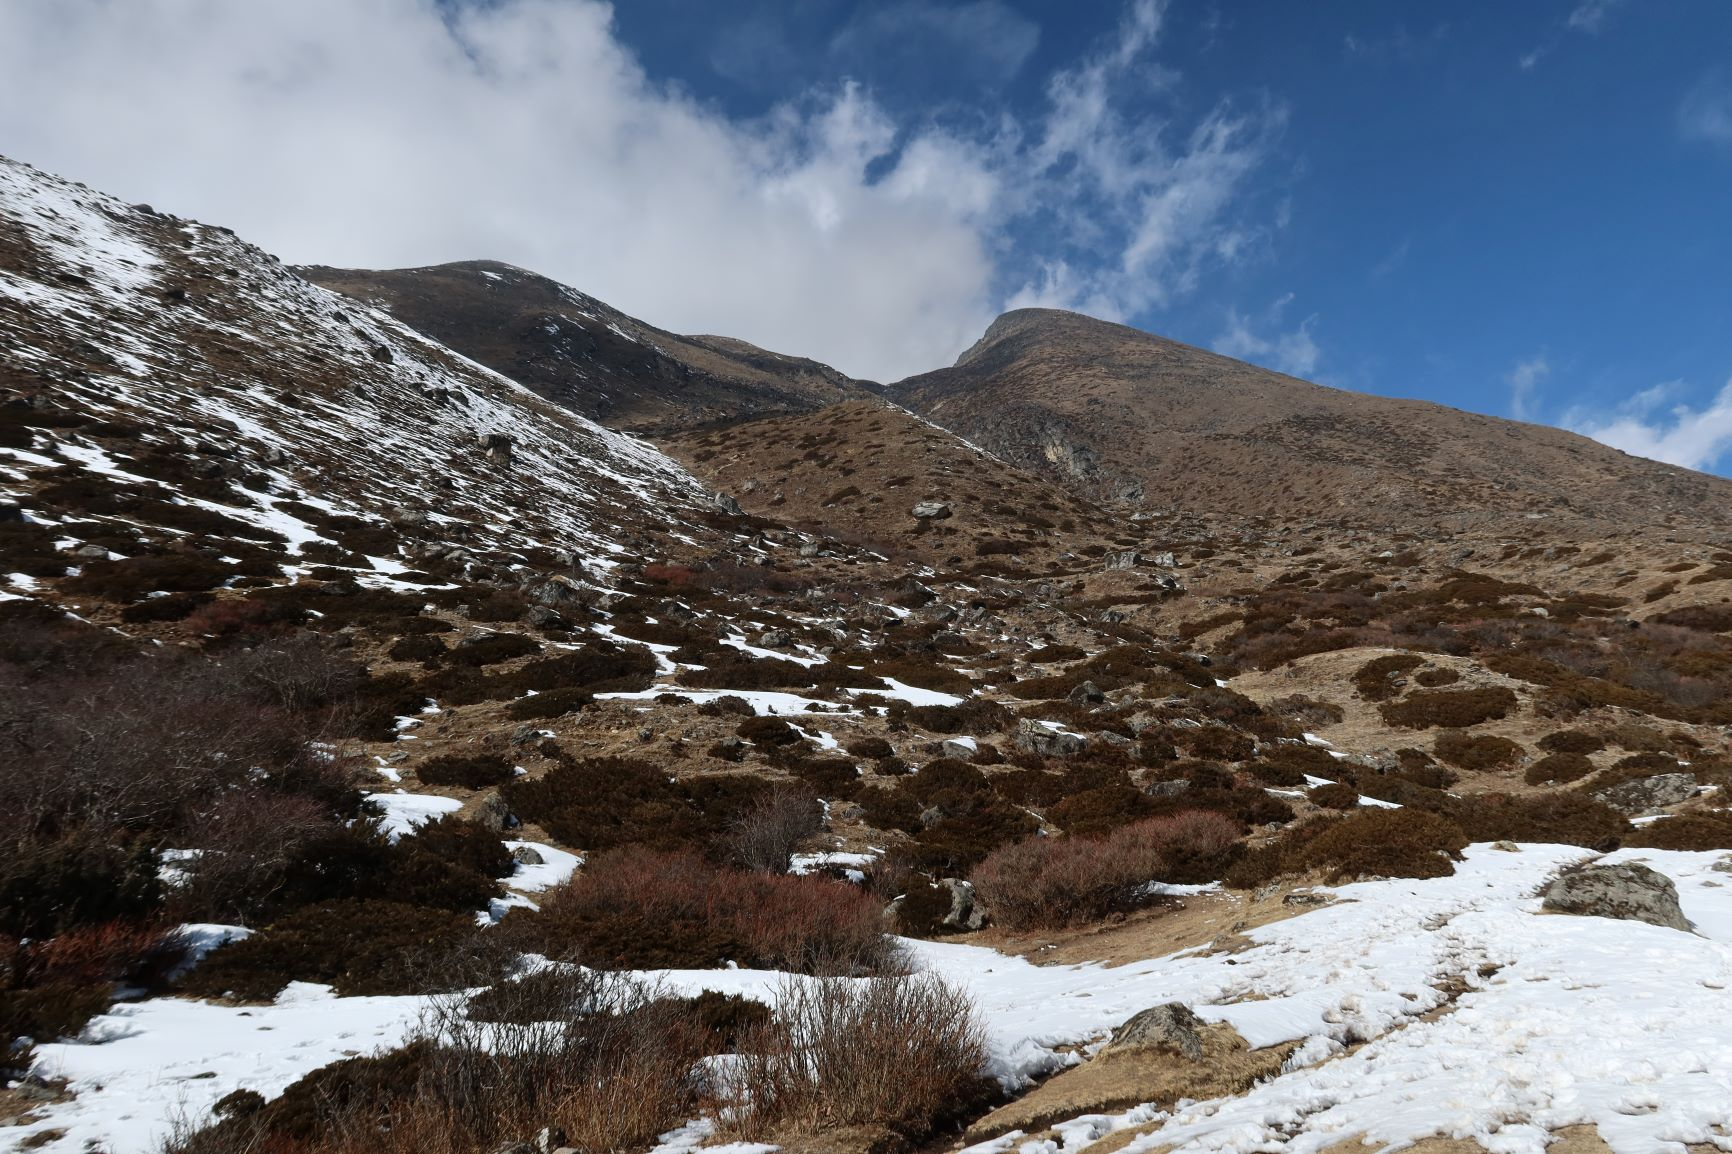 超過4,500公尺的高山區域,長年積雪消融得快,四處可見褐紅色的灌木叢和裸露的植被。© Greenpeace